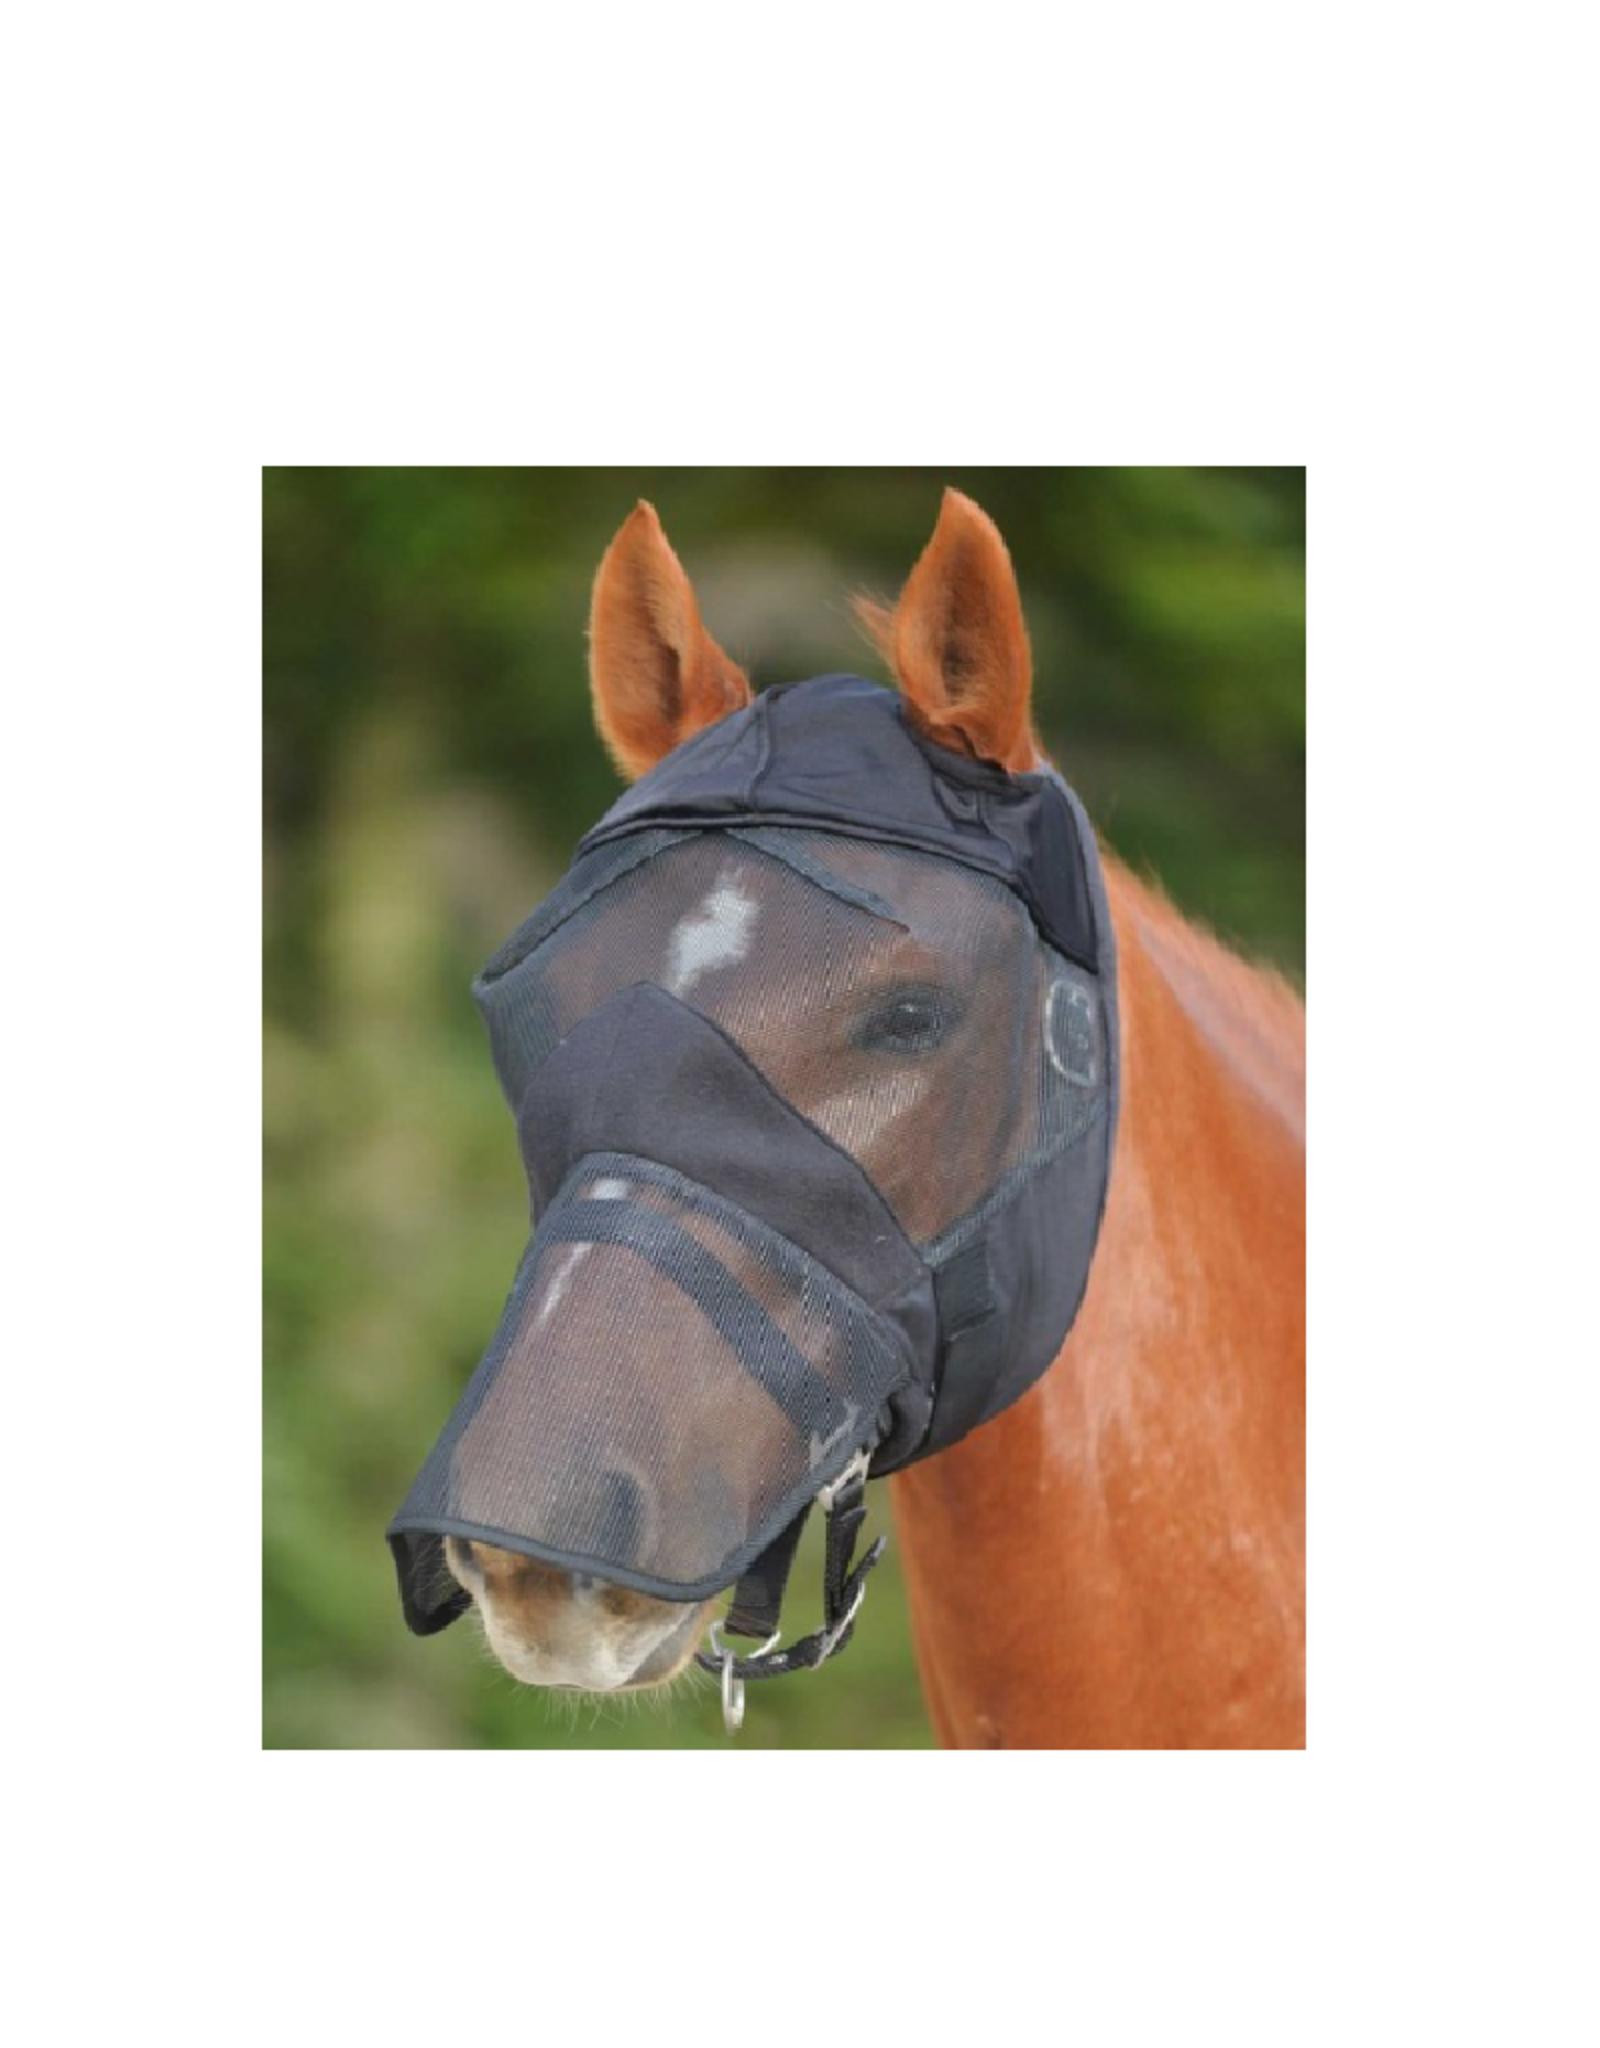 Waldhausen Waldhausen vliegenmasker zonder oren en met neus